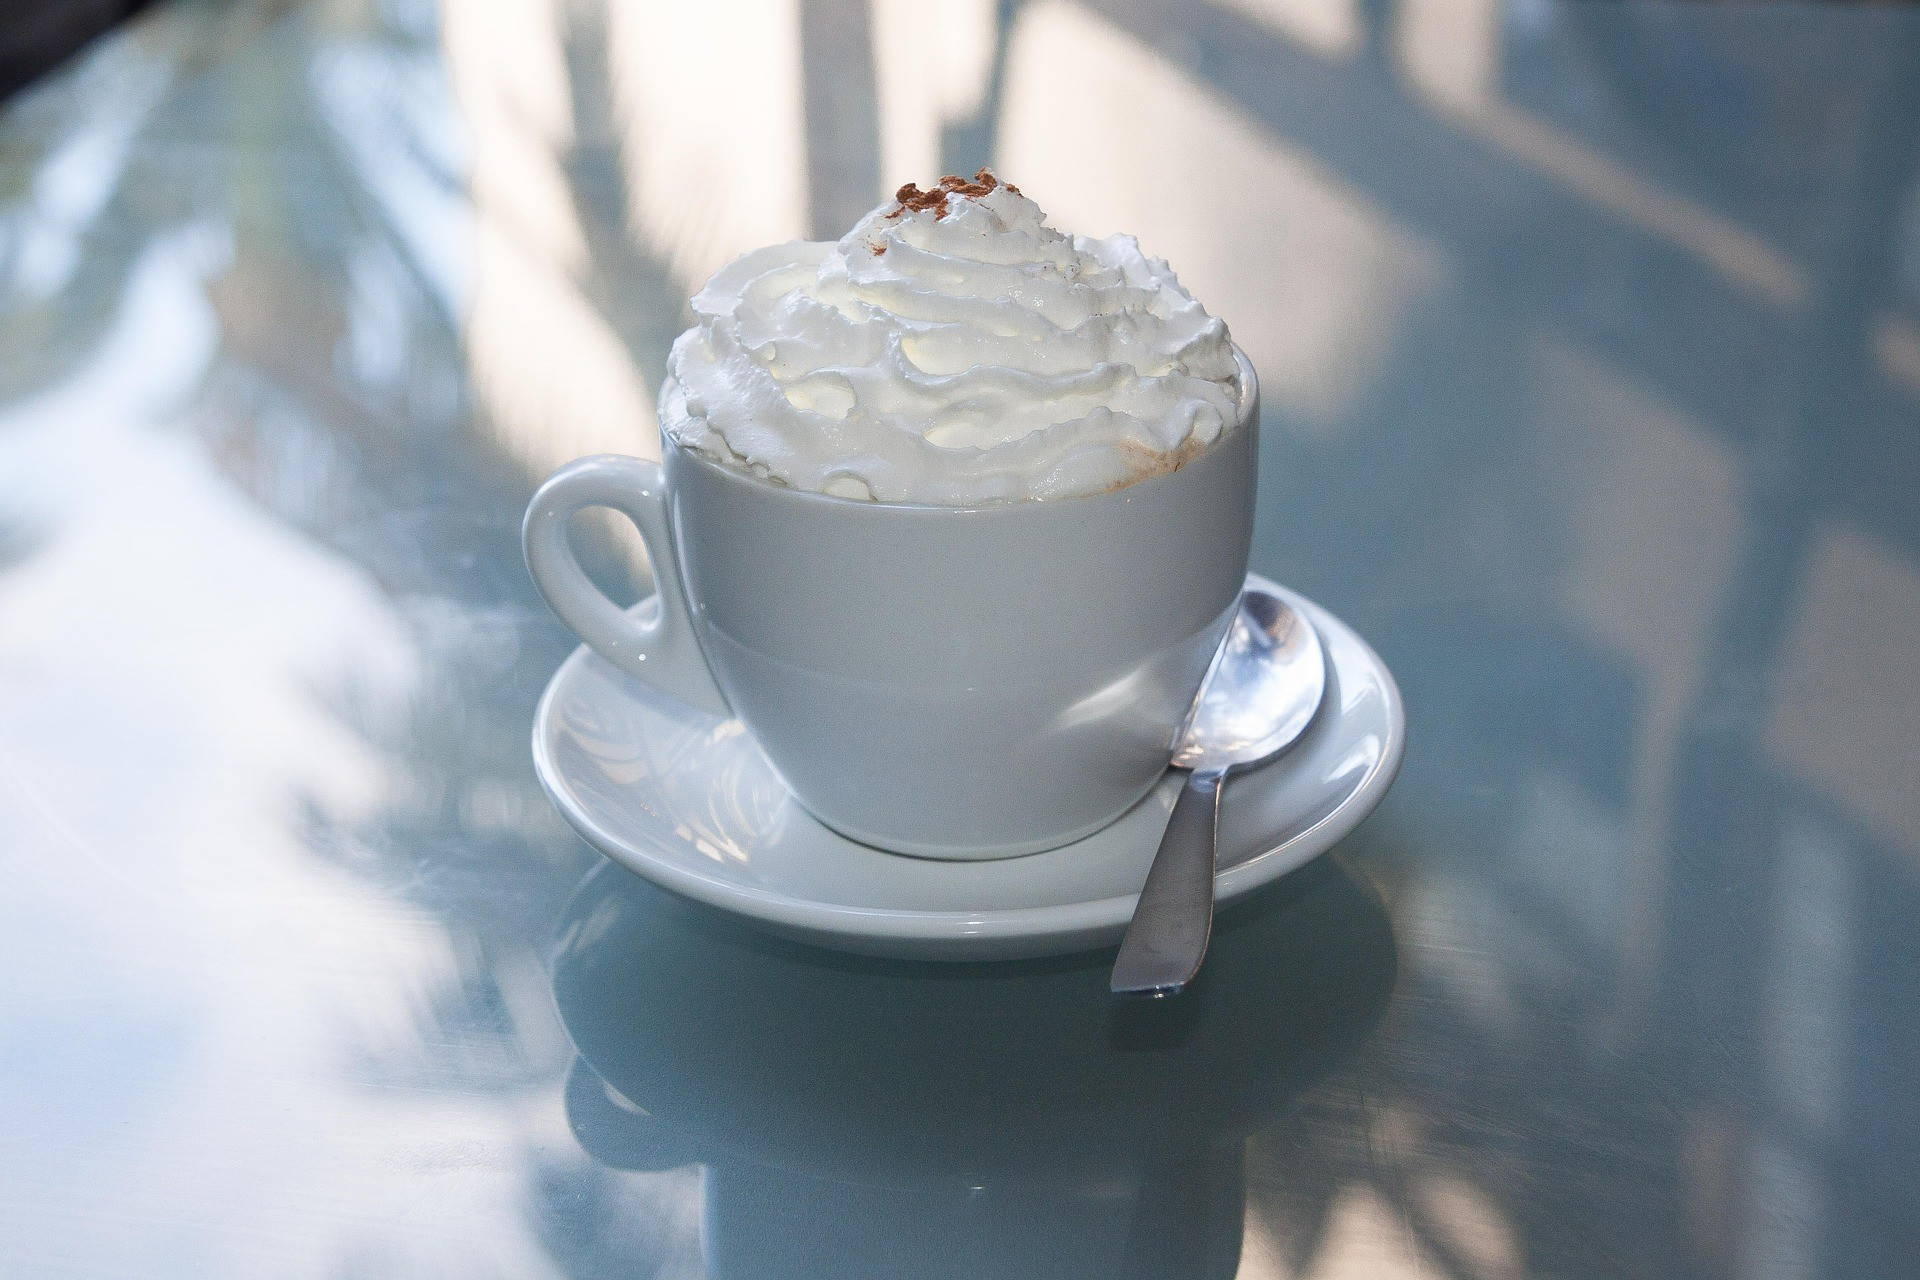 ▲鮮奶油。(圖/取自免費圖庫pixabay)